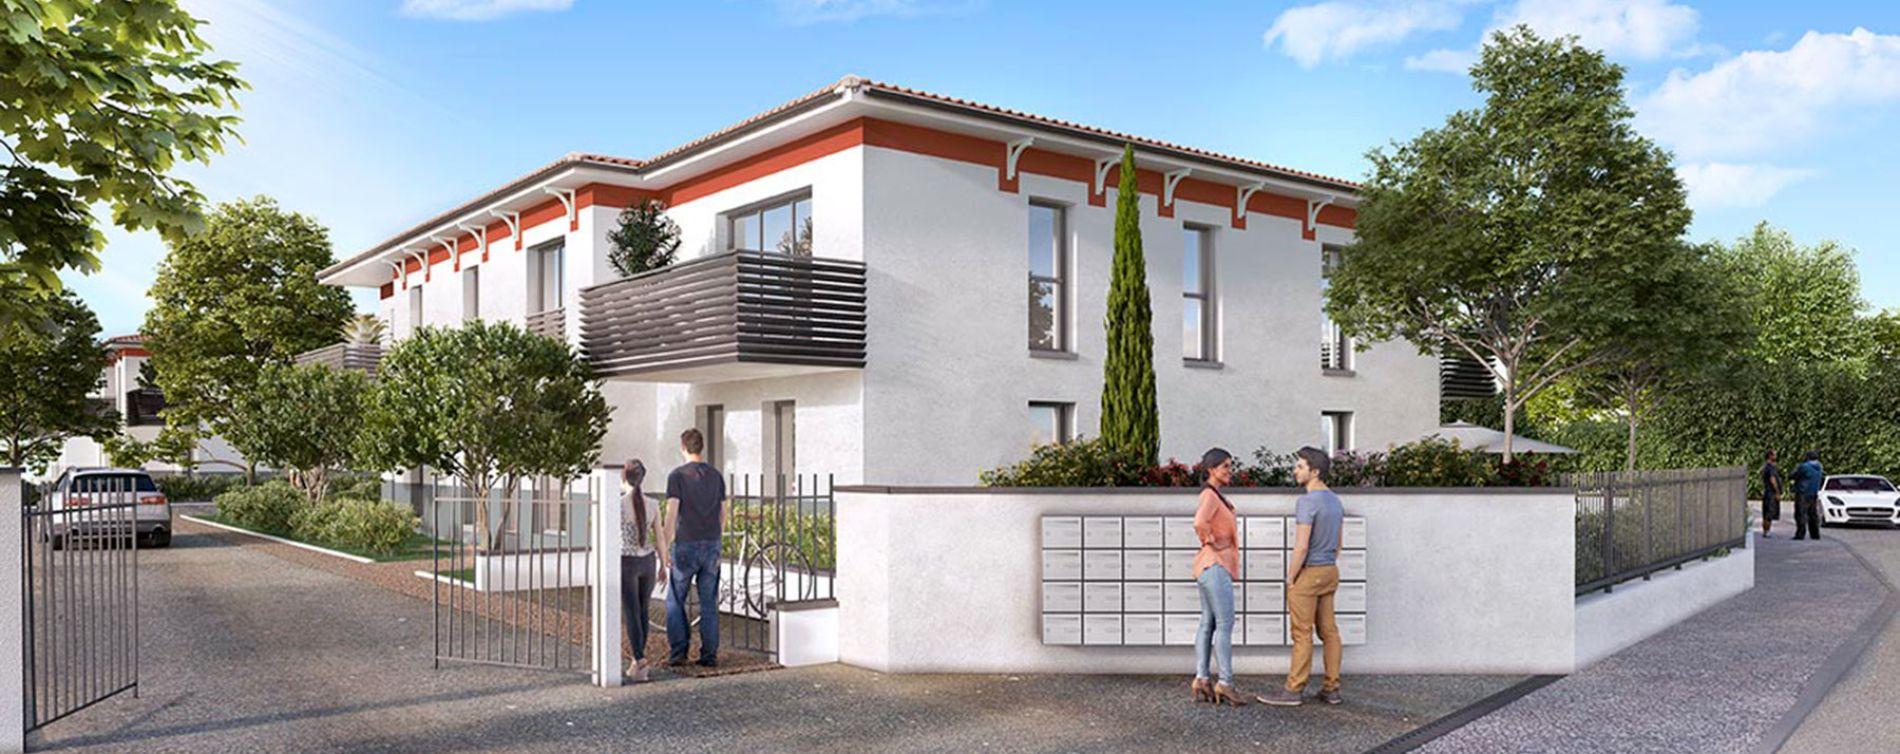 Résidence Villa d'Oyl à Parempuyre